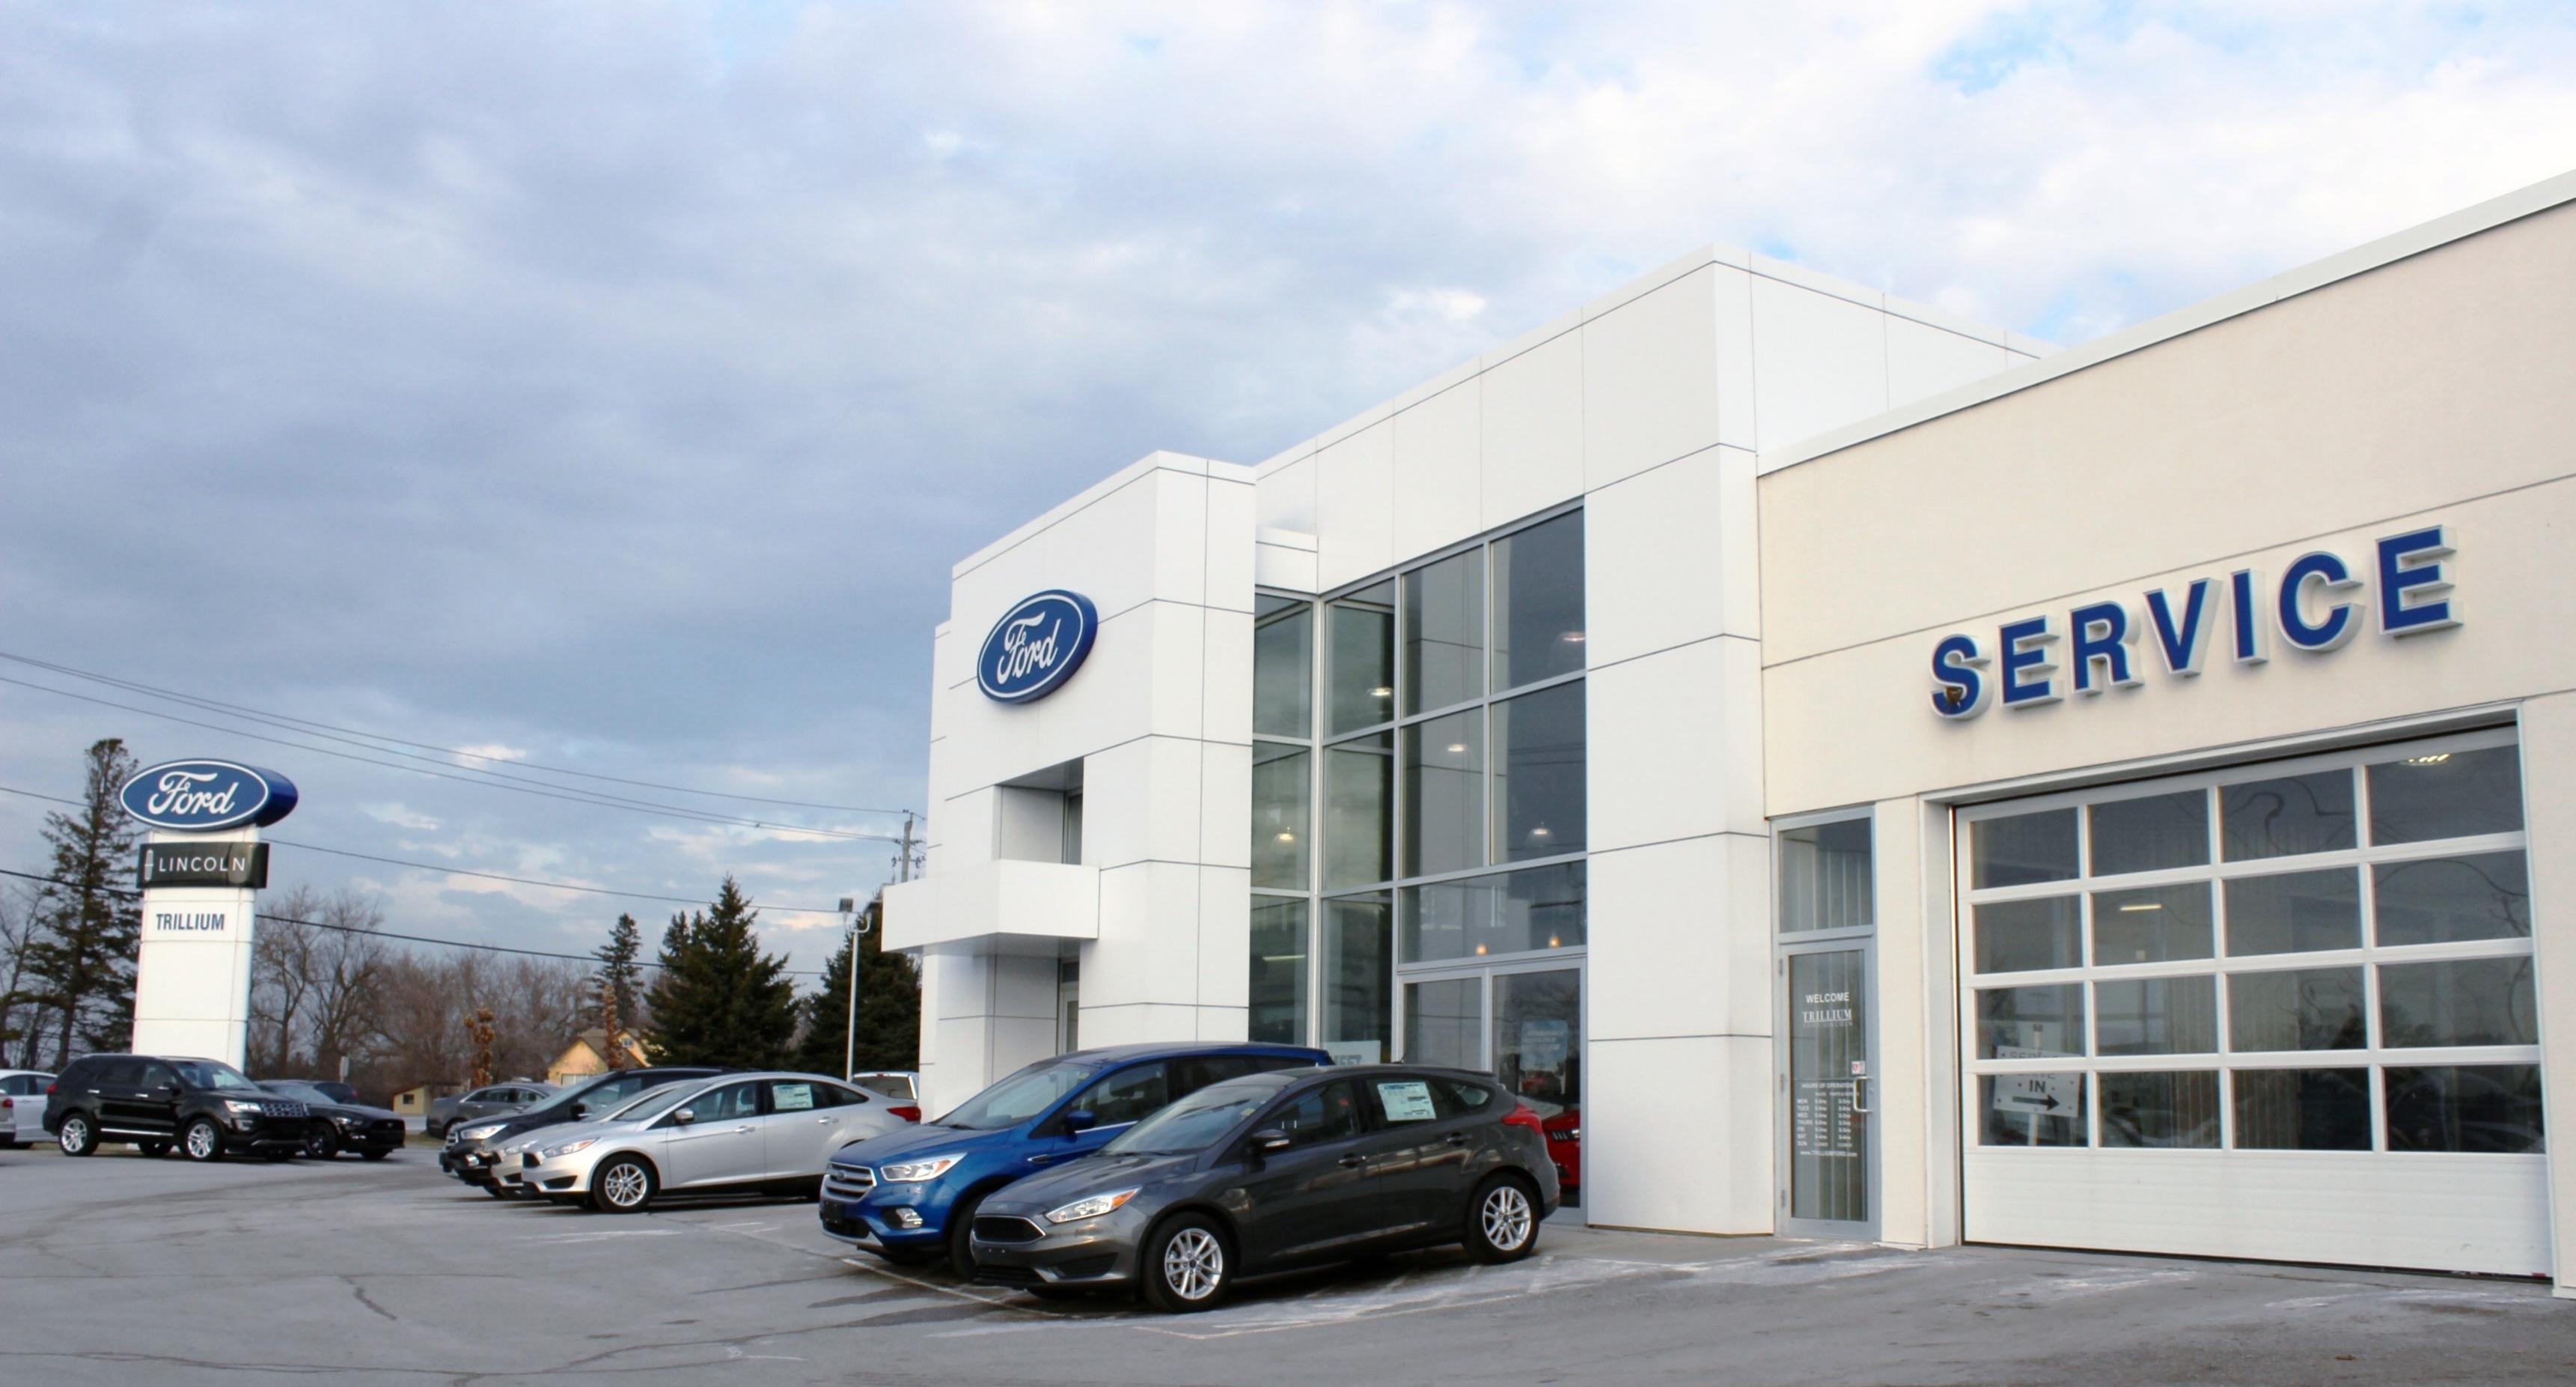 Trillium Ford - Alliston Dealership